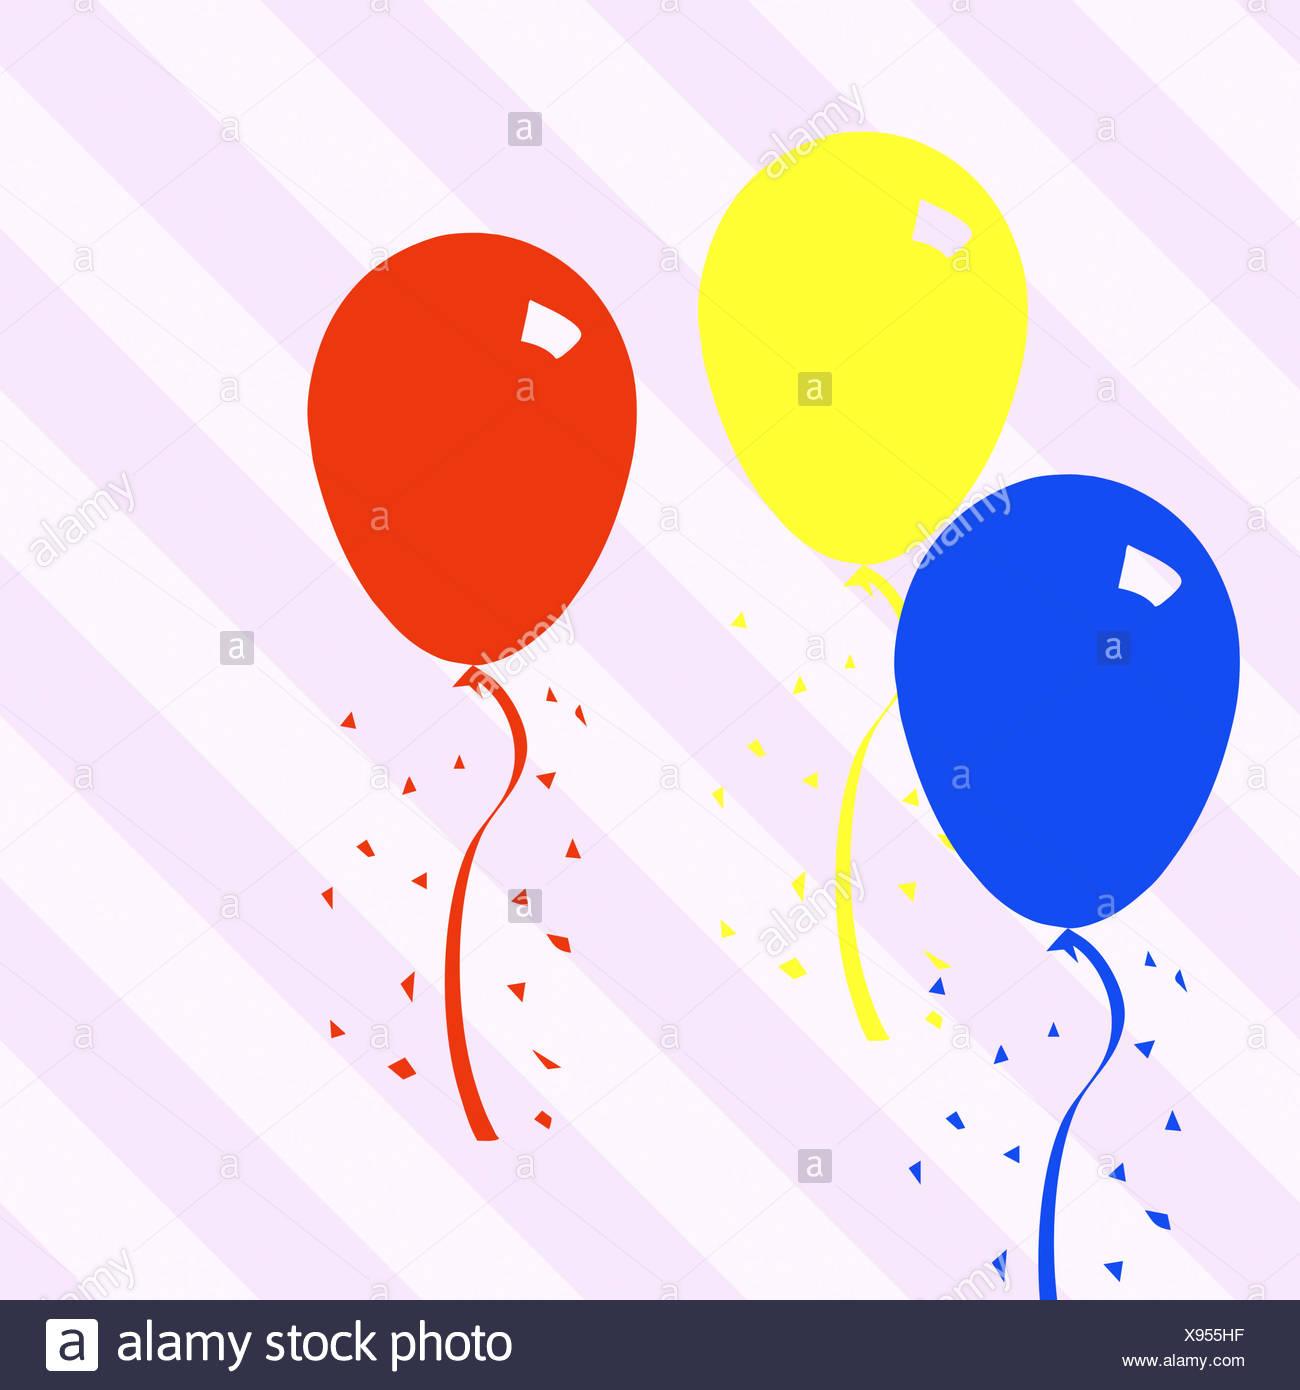 Fantastisch Geburtstag Ballon Malvorlagen Zeitgenössisch ...